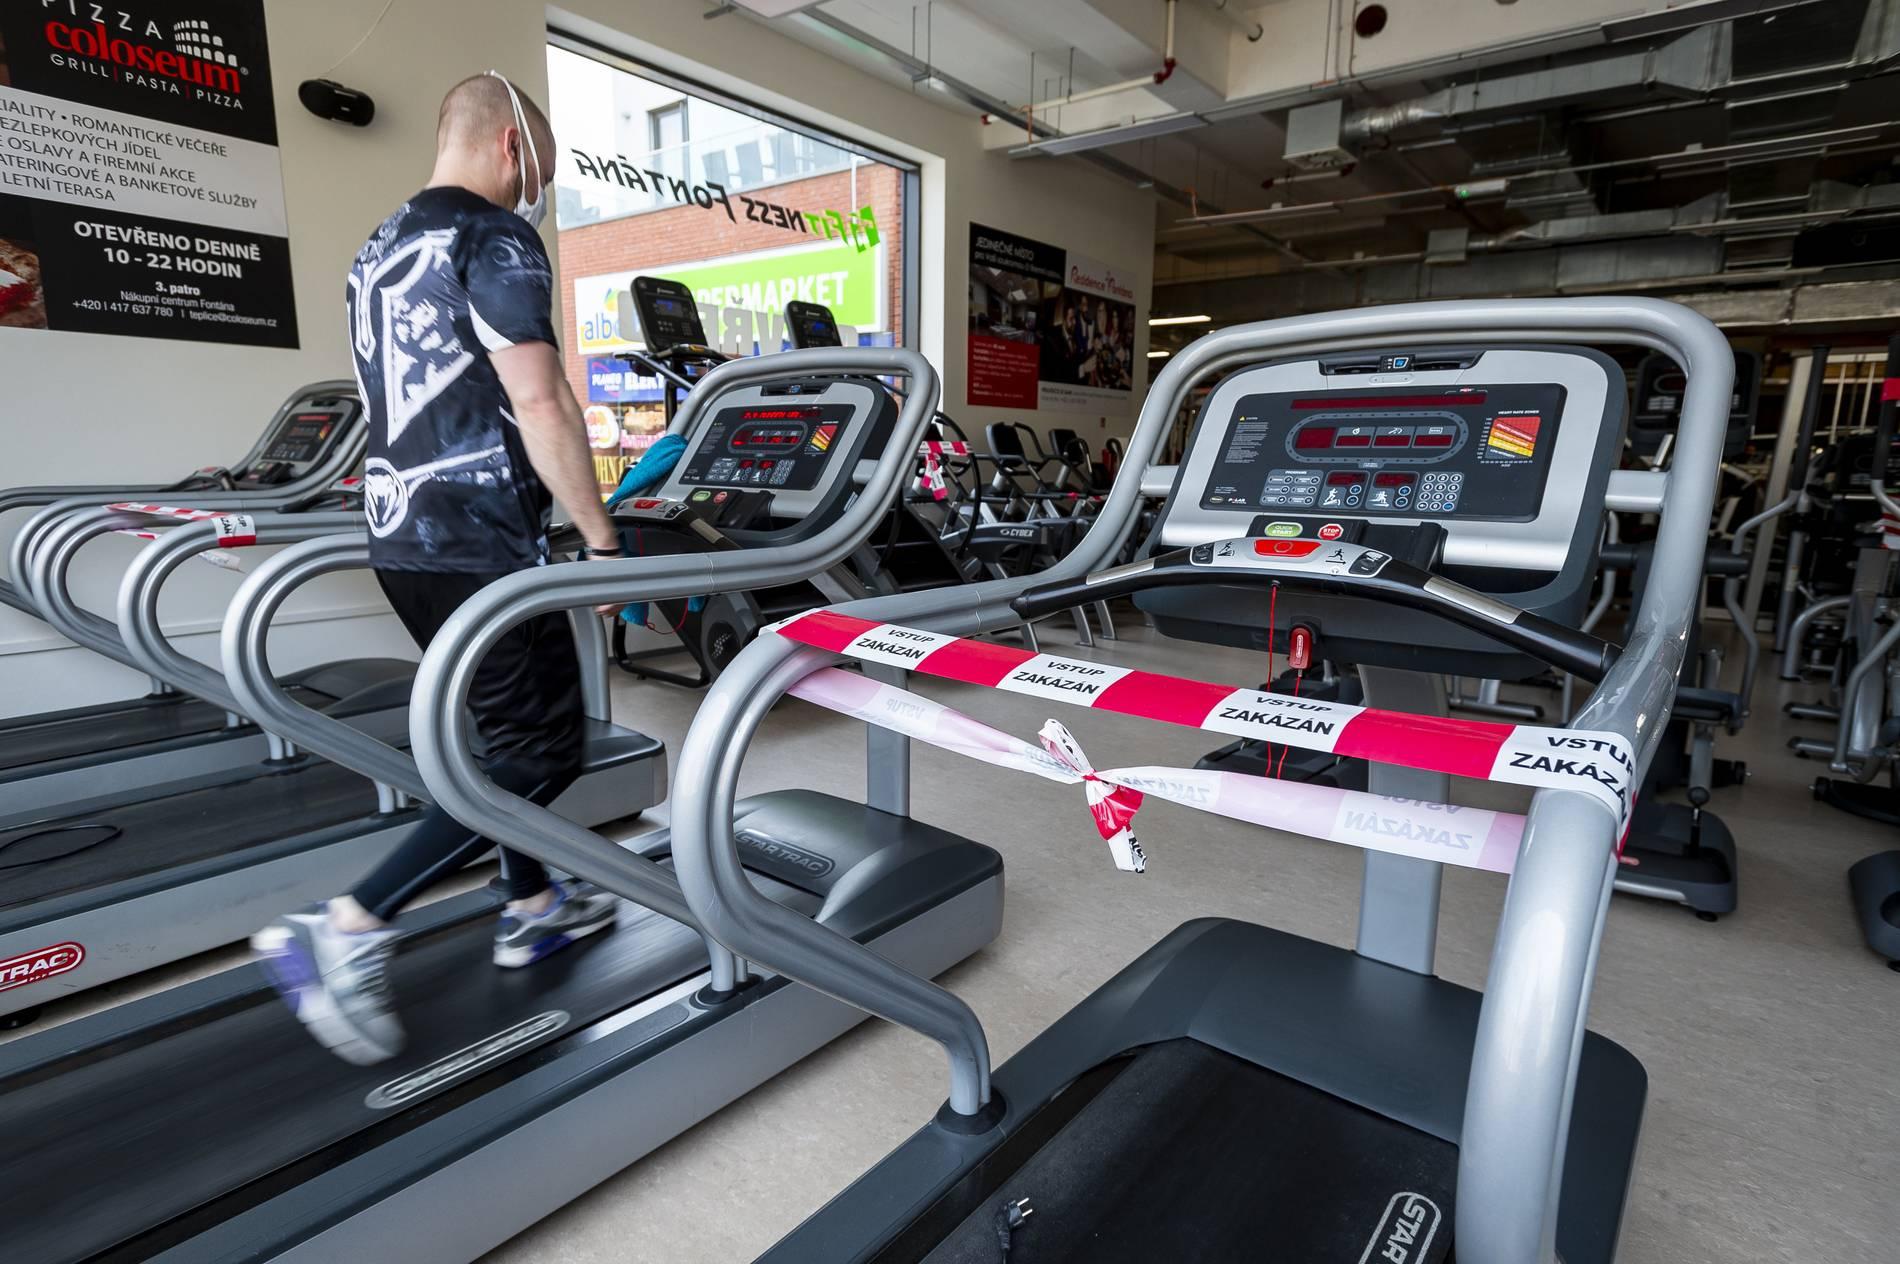 österreich Fitnessstudio Corona